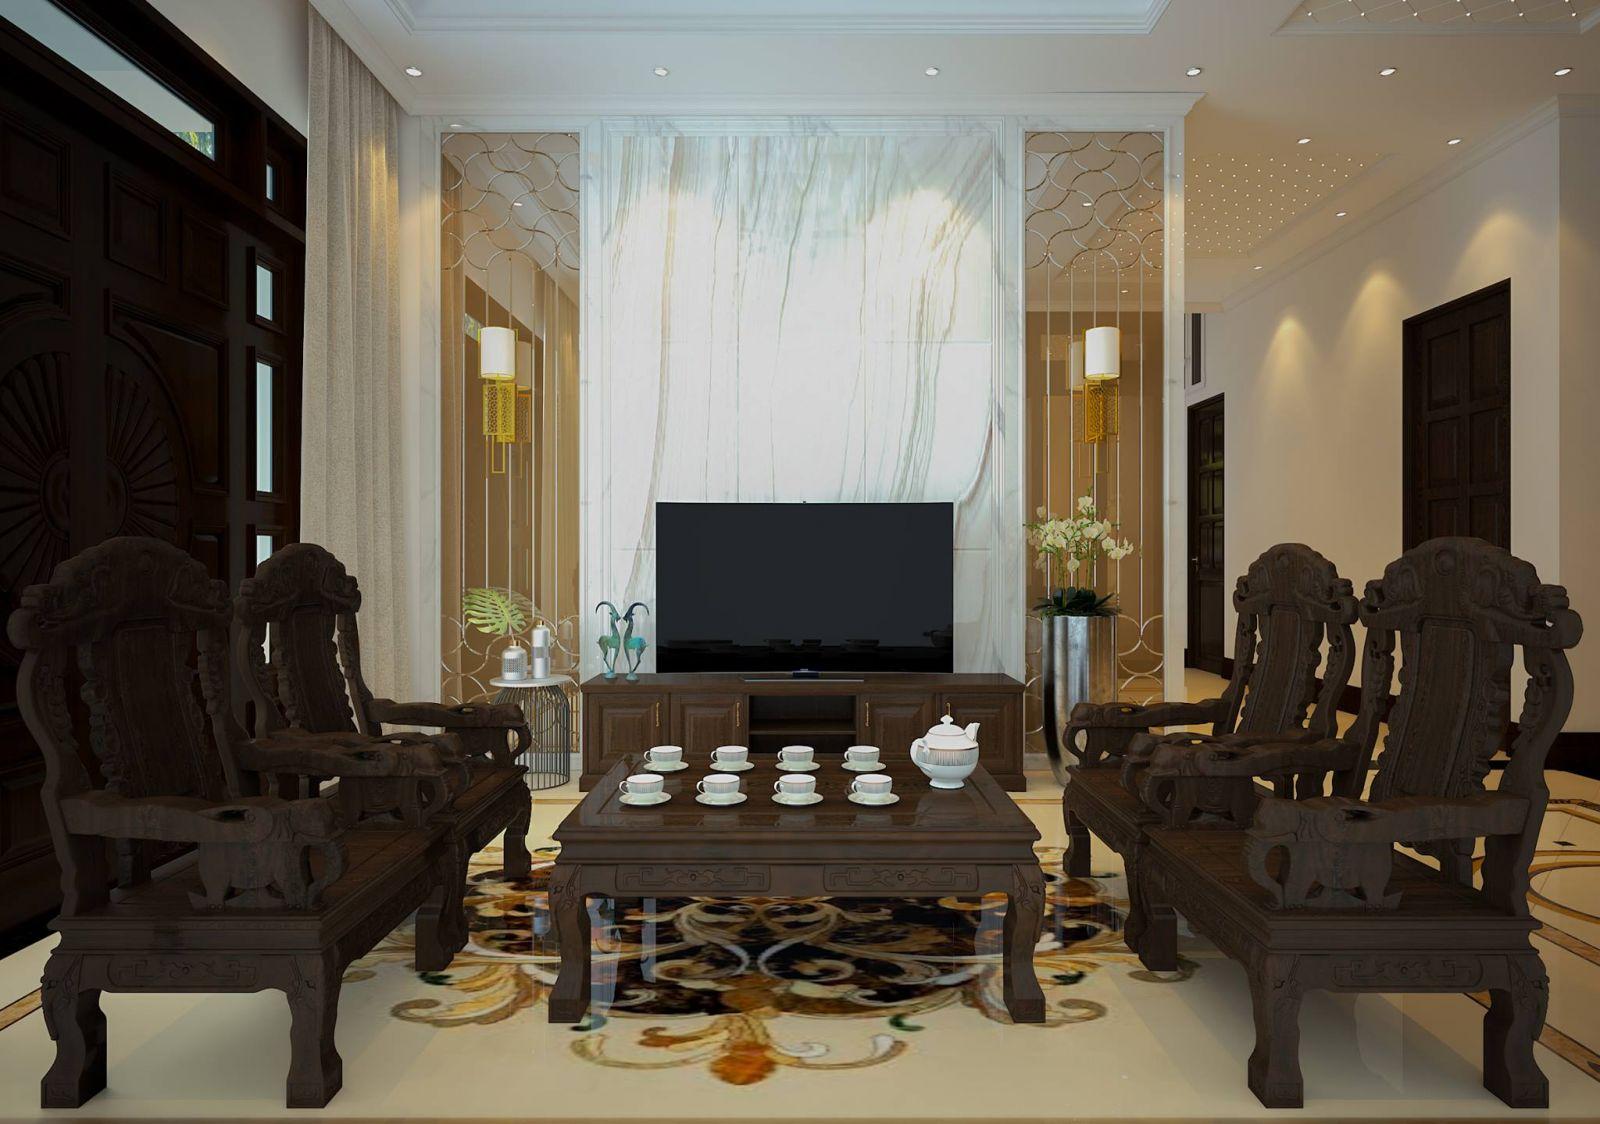 Kinh nghiệm chọn bàn ghế phòng khách cho gia chủ